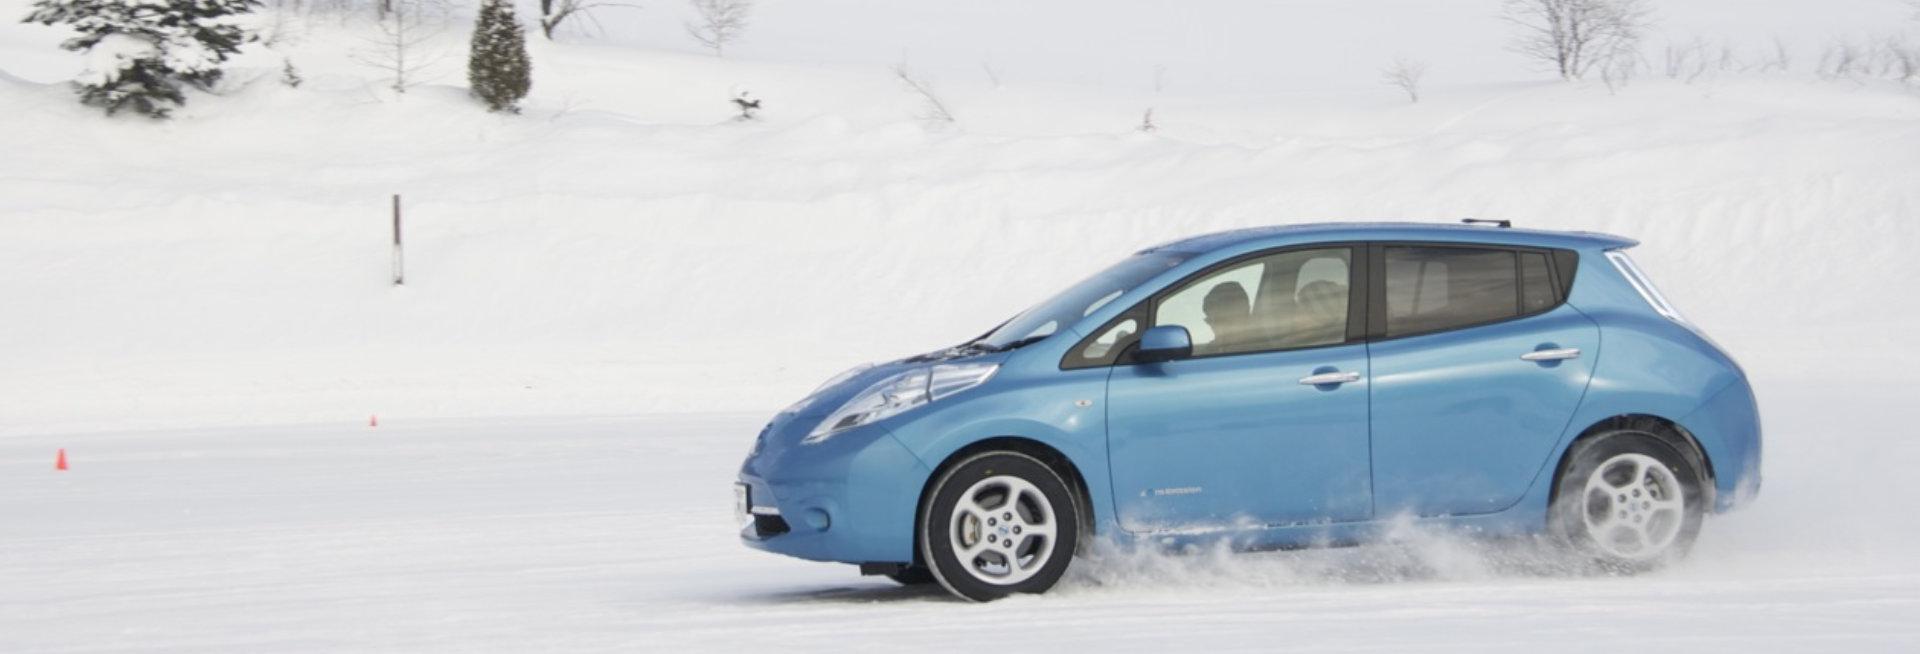 Sneeuwkettingen voor de Nissan Leaf